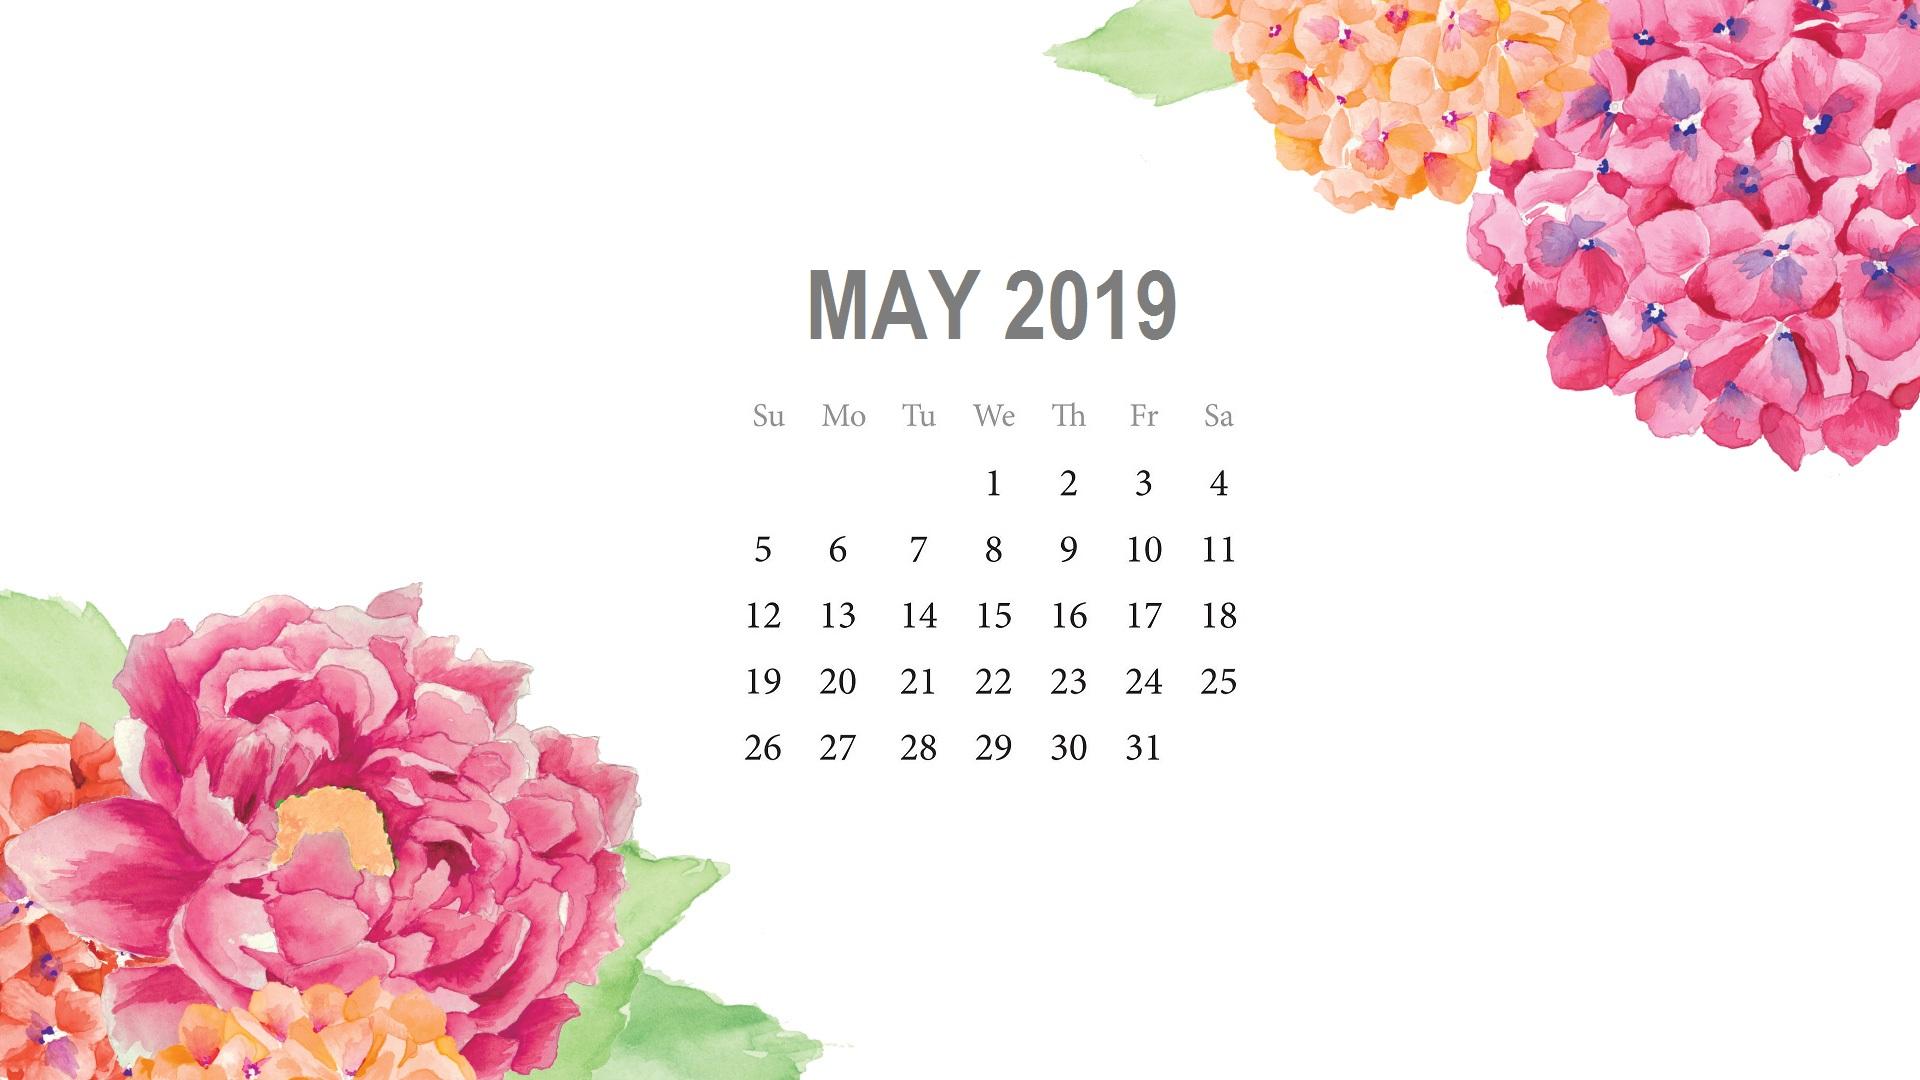 Cute May 2019 Watercolor Calendar